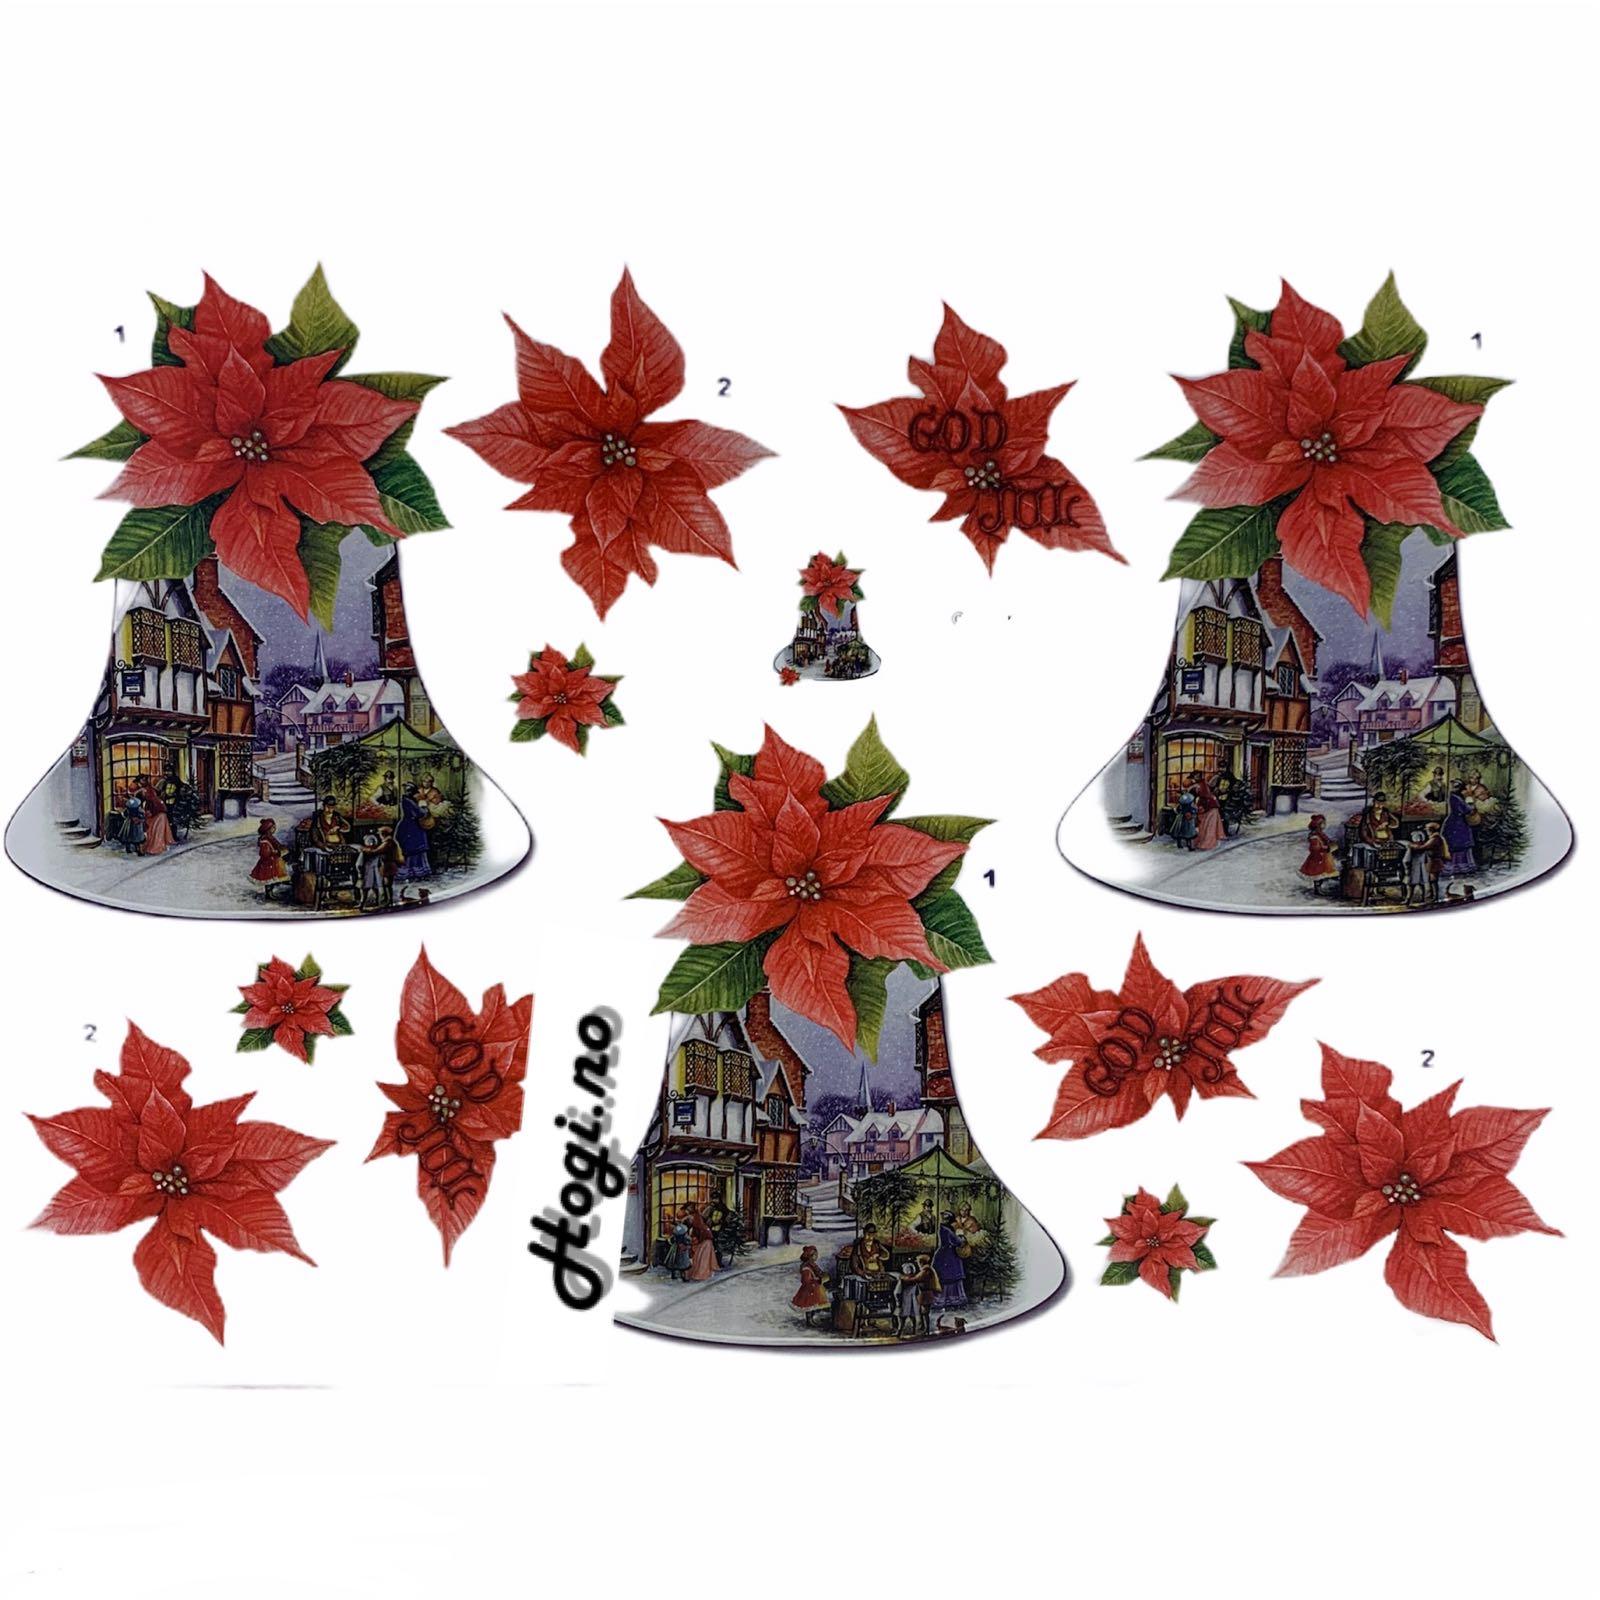 3d-klippark bjelle  med landsby  og julestjerne